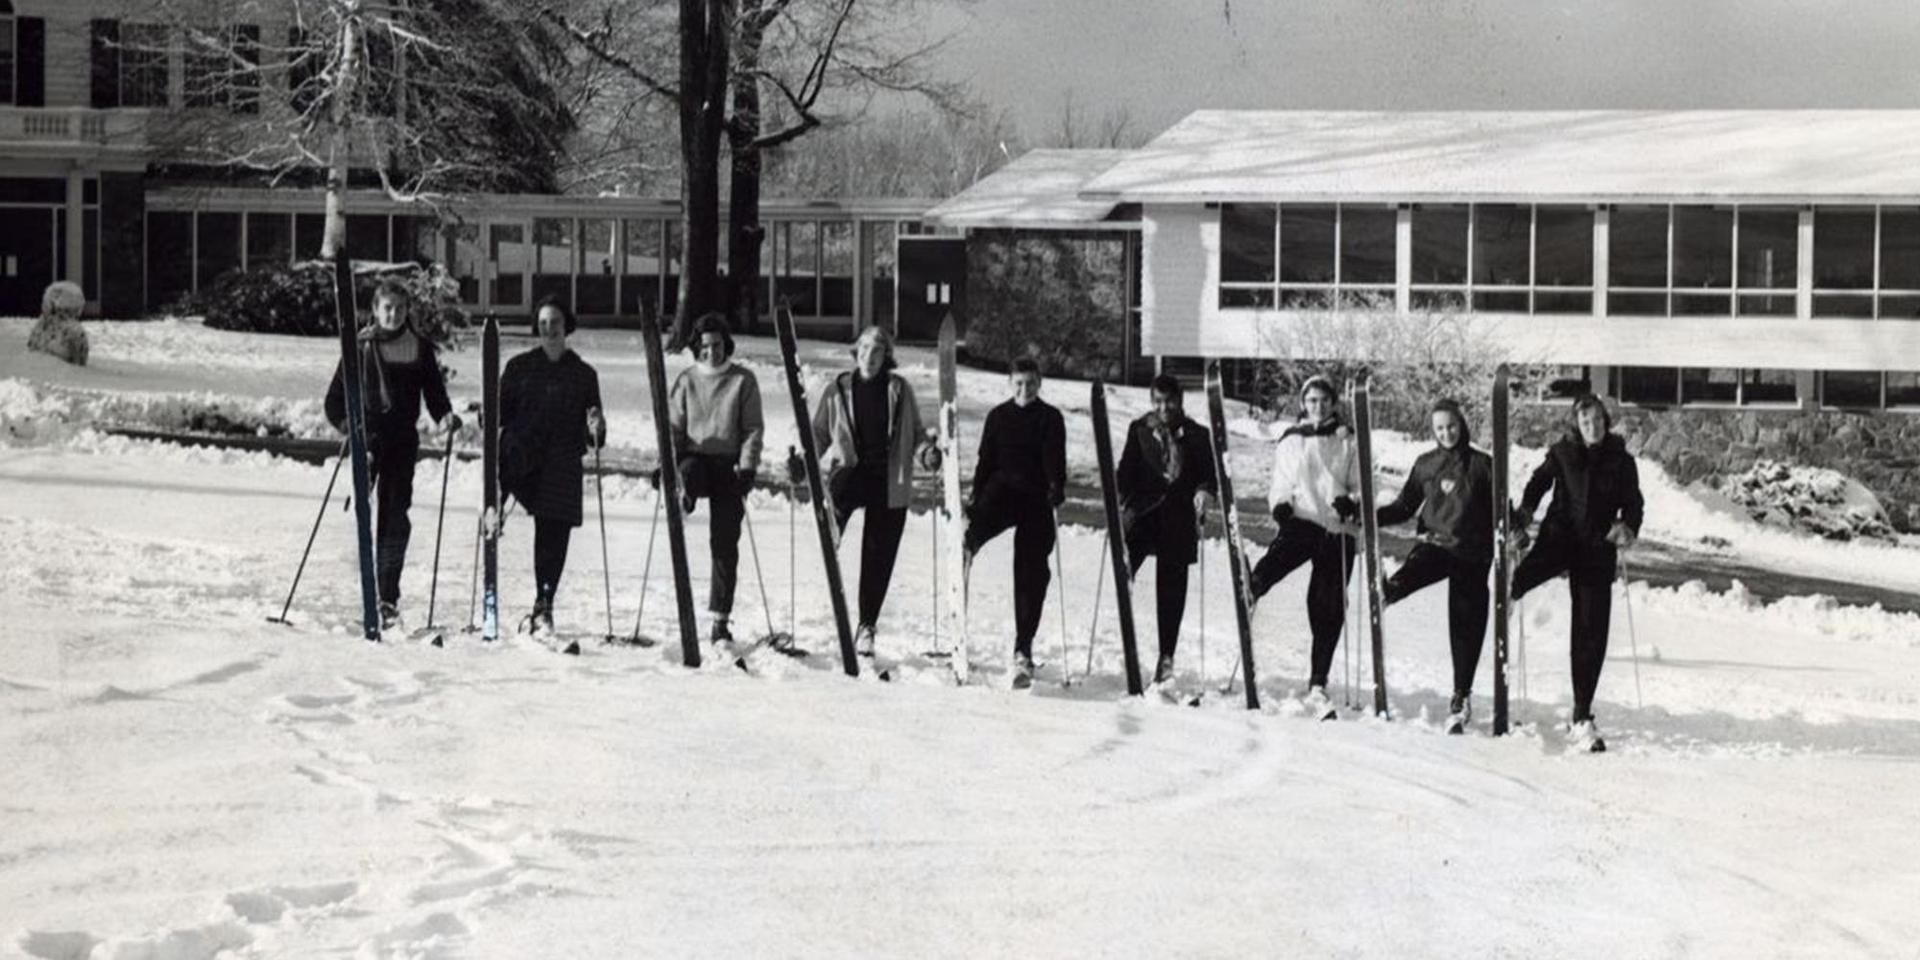 学生们在胡德山上滑雪.